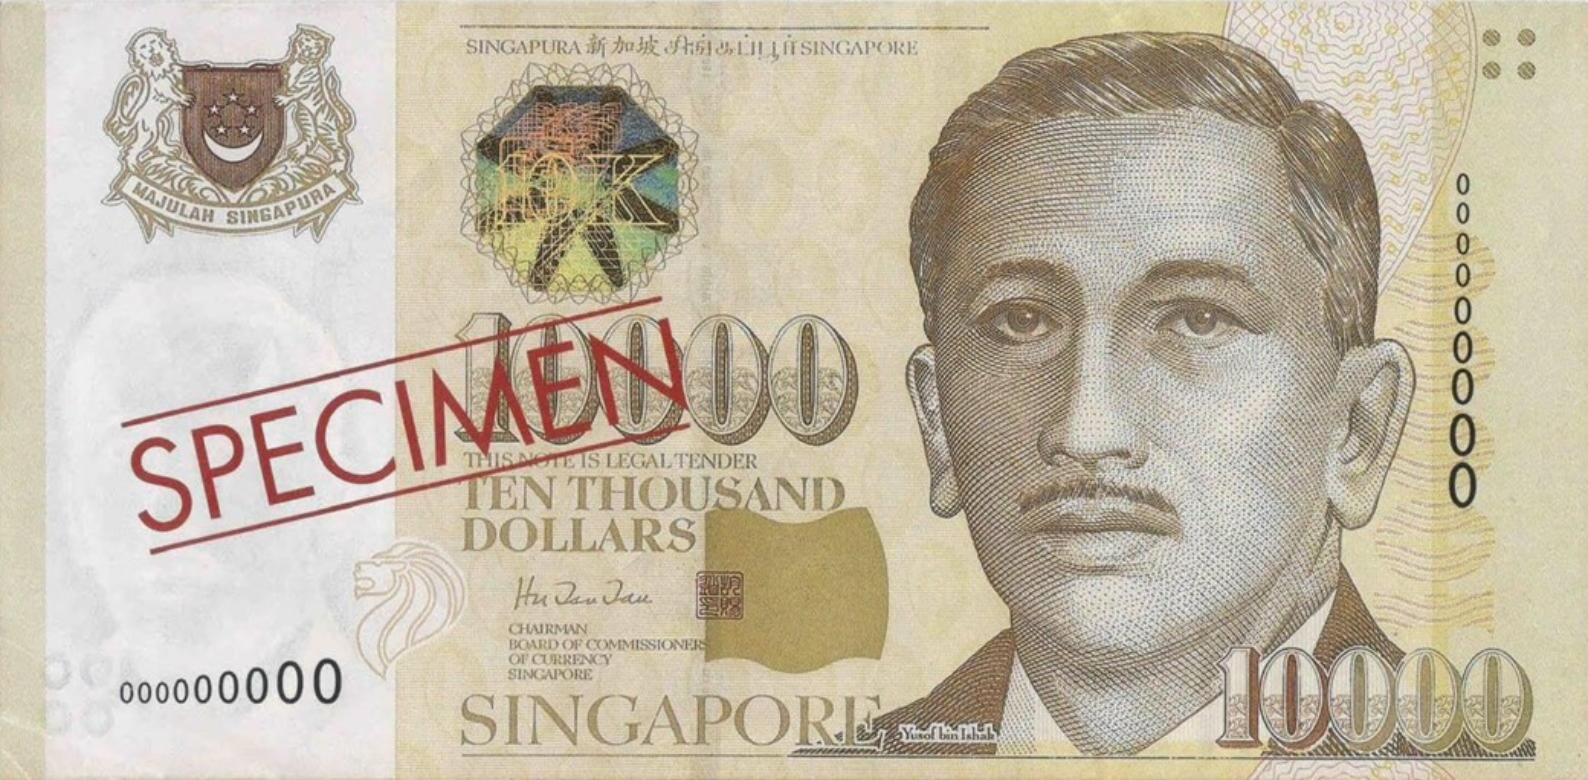 Se você achar uma dessas, está rico: 10 mil dólares singapurenses valem cerca de R$ 40 mil. (Fonte: InfoMoney/Reprodução)